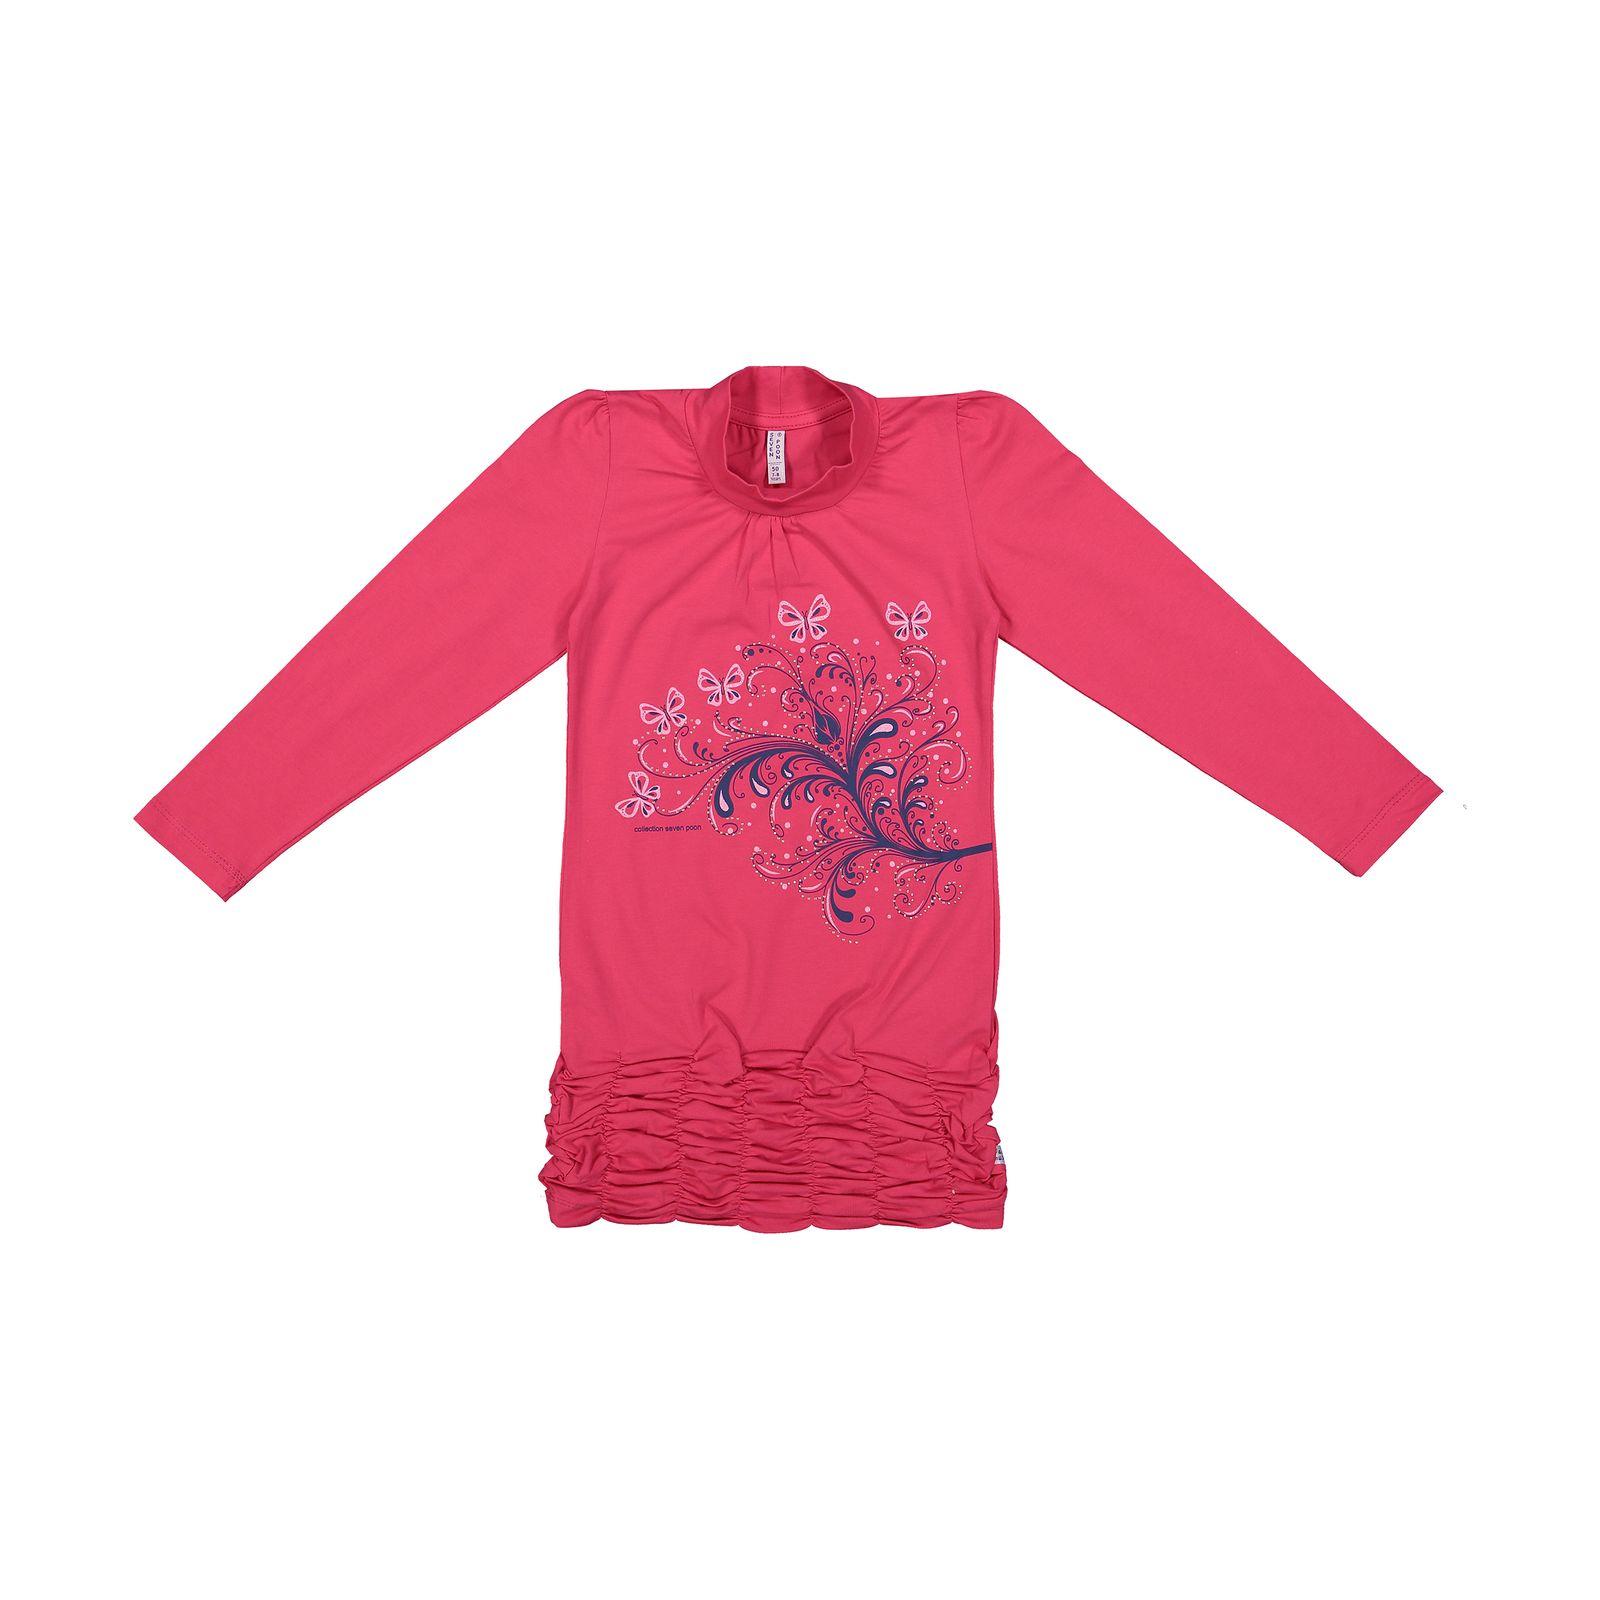 تی شرت دخترانه سون پون مدل 1391361-88 -  - 2